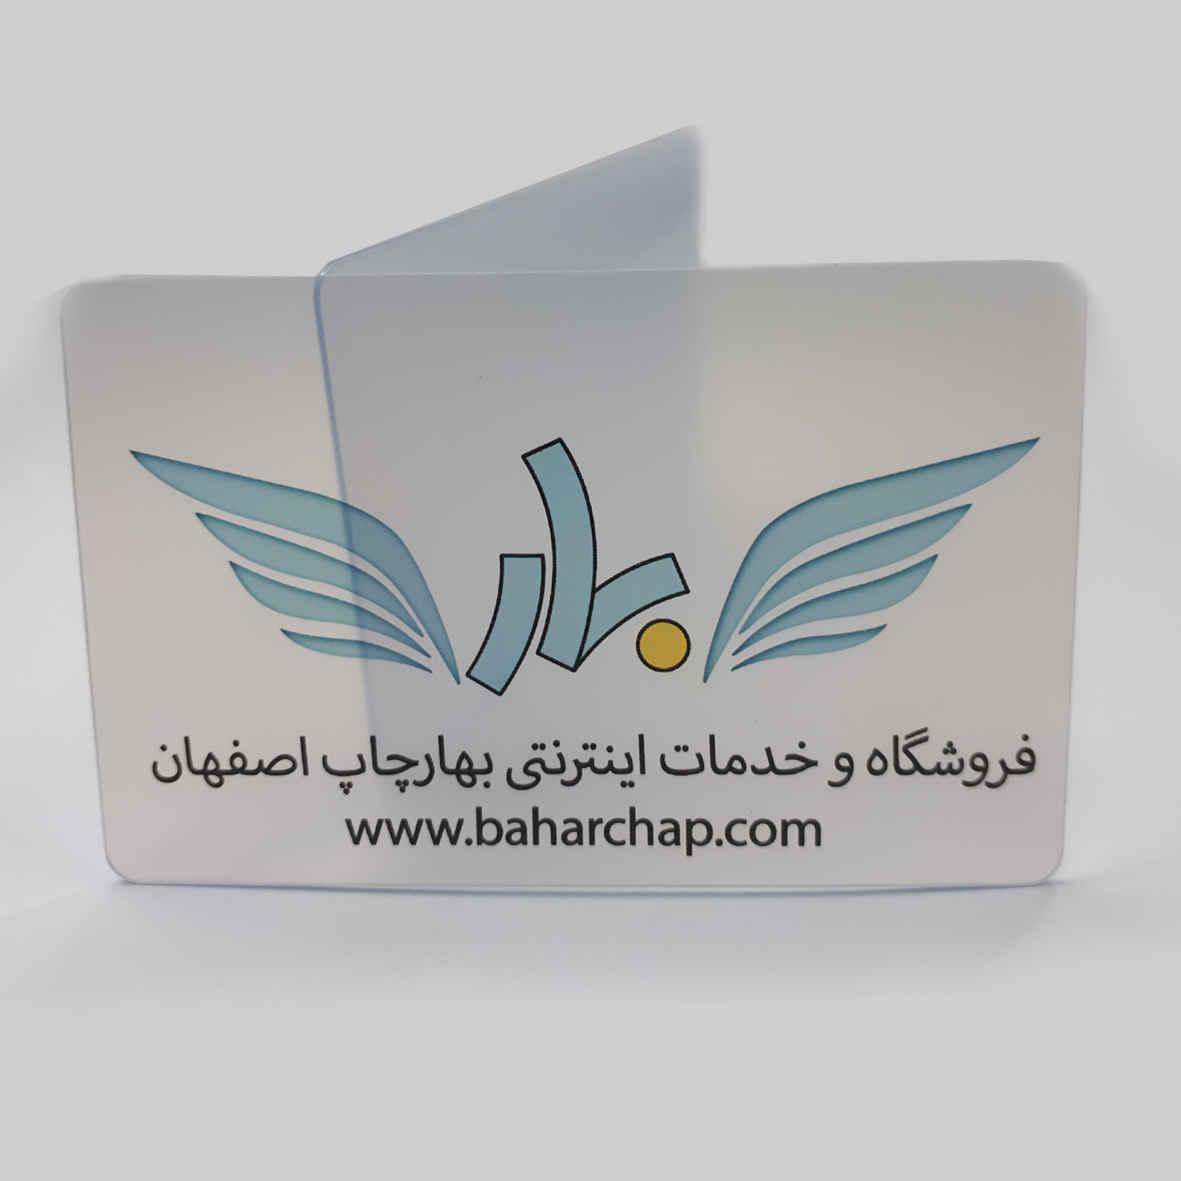 فروشگاه و خدمات اینترنتی بهارچاپ اصفهان-کارت خام PVC جوهر افشان(شفاف) -transparent pvc card inkjet